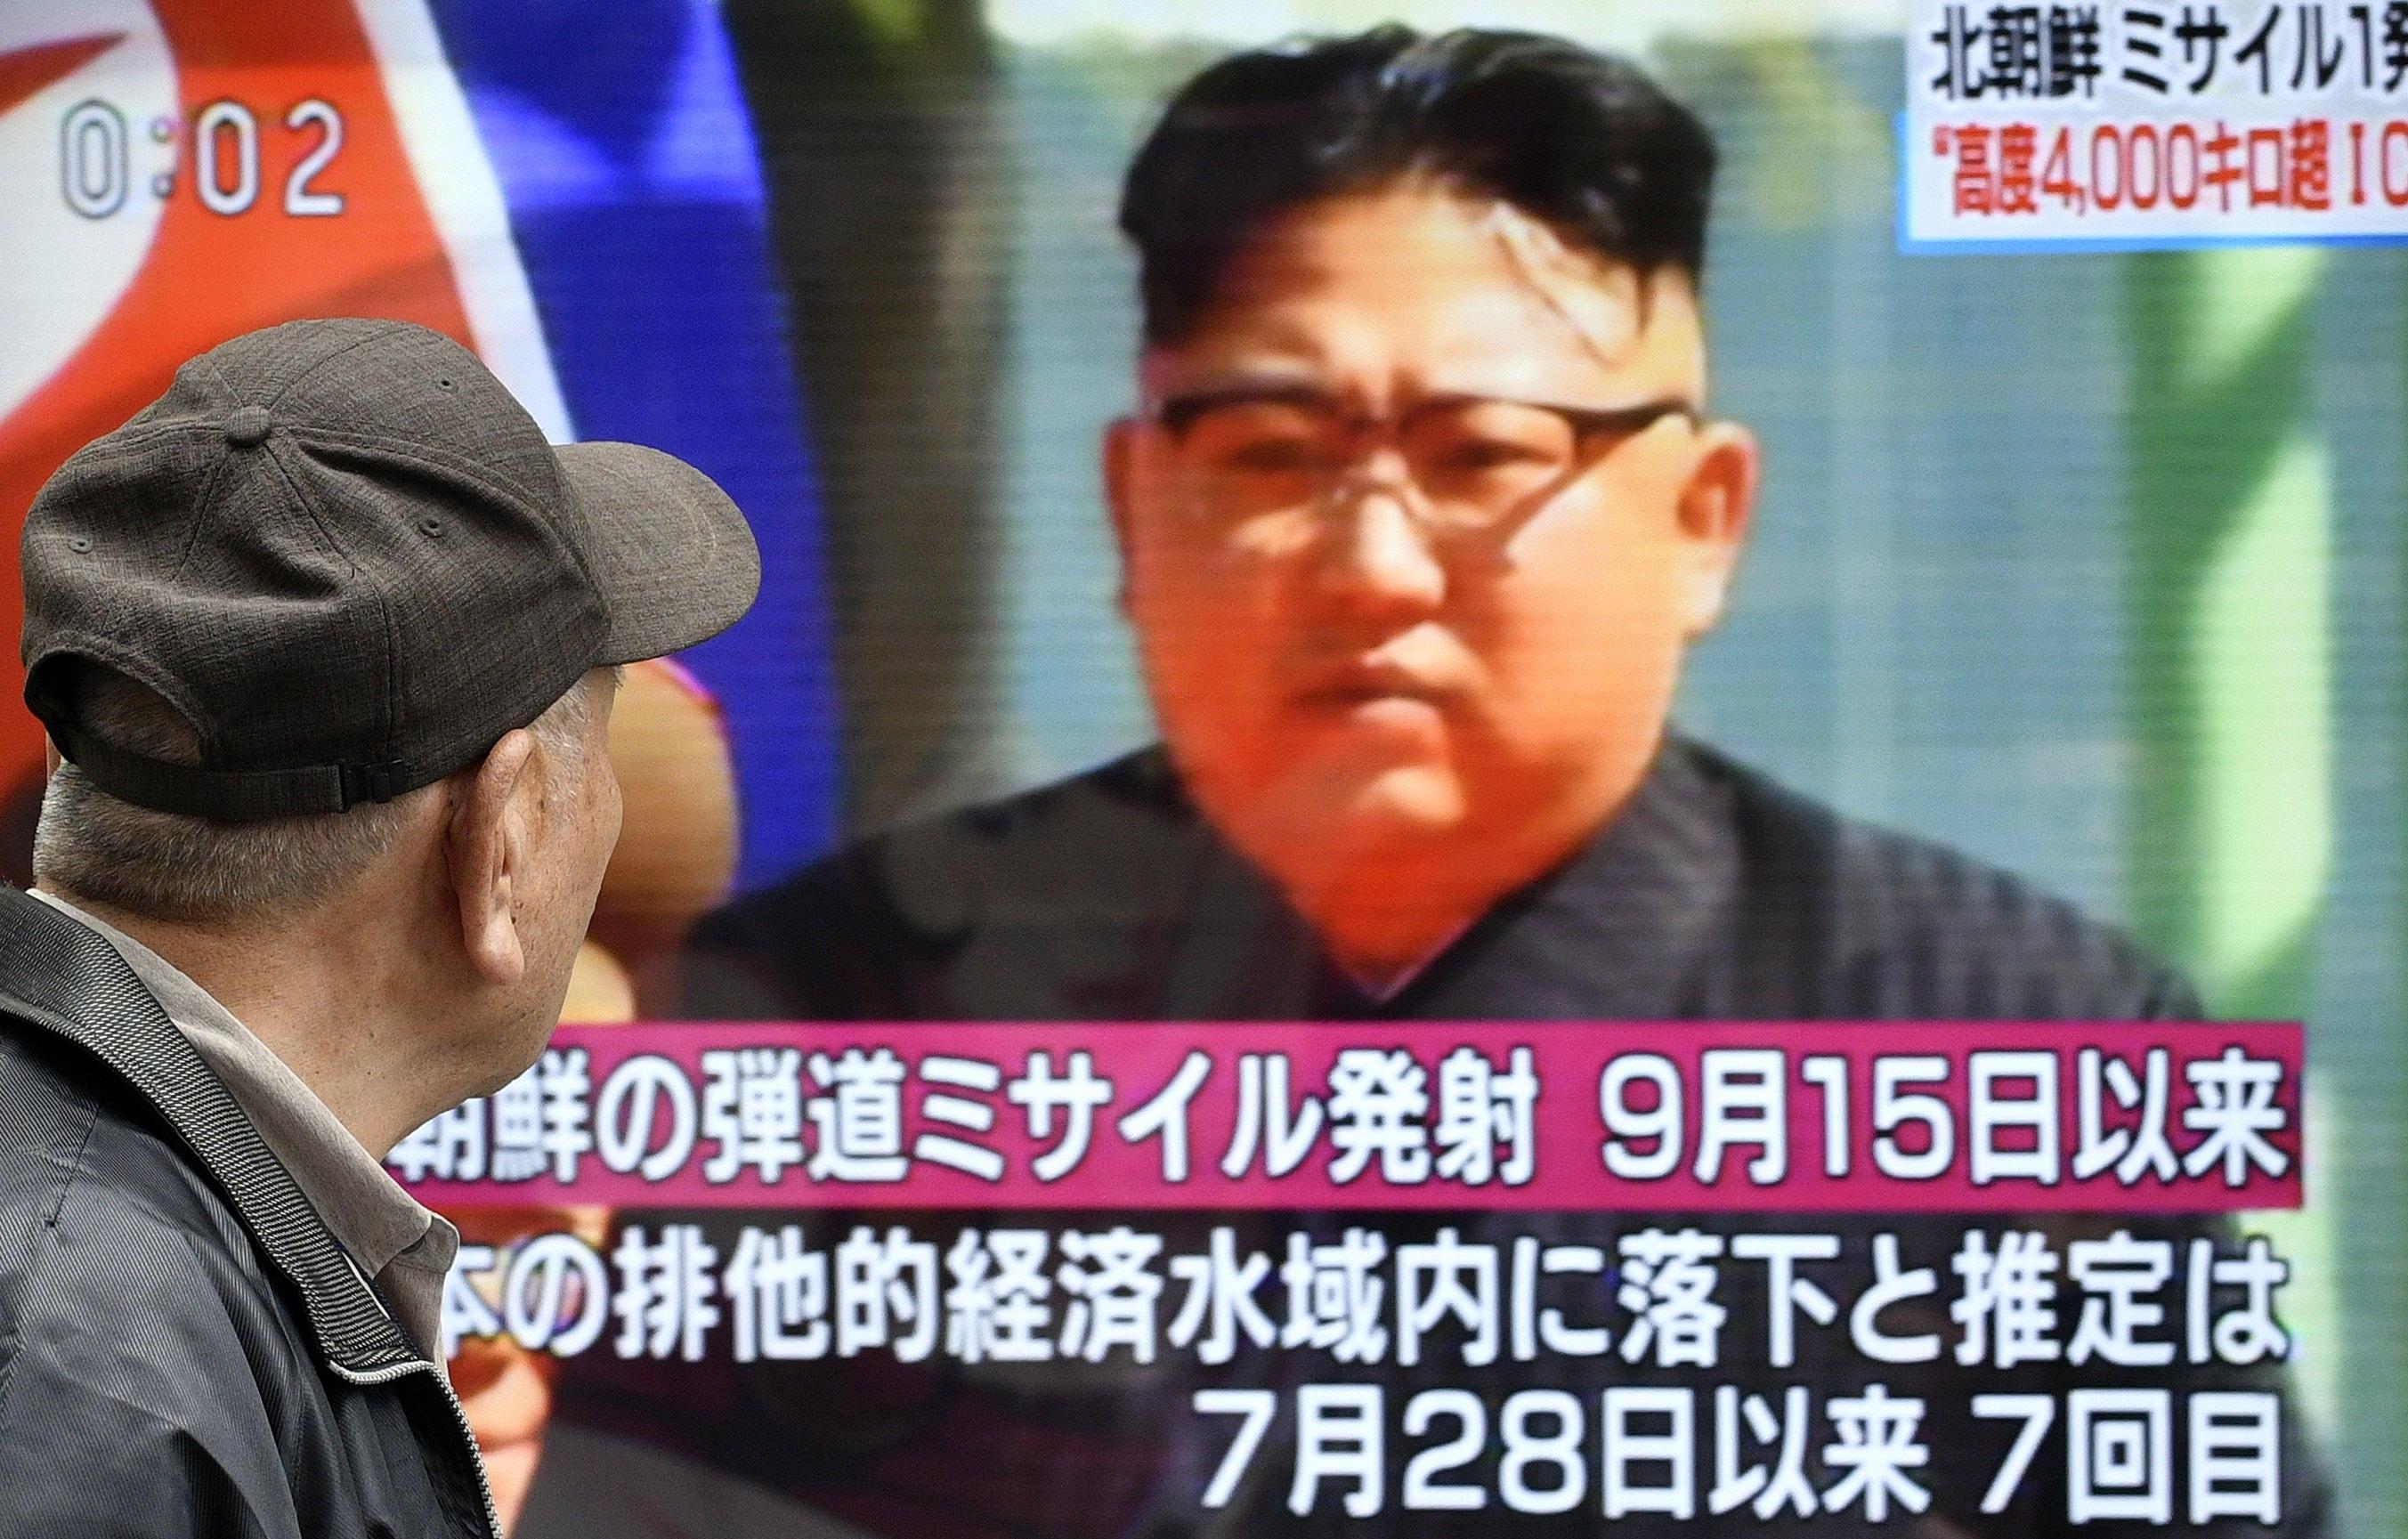 Corea Nord ha'hackerato milioni Bitcoin'